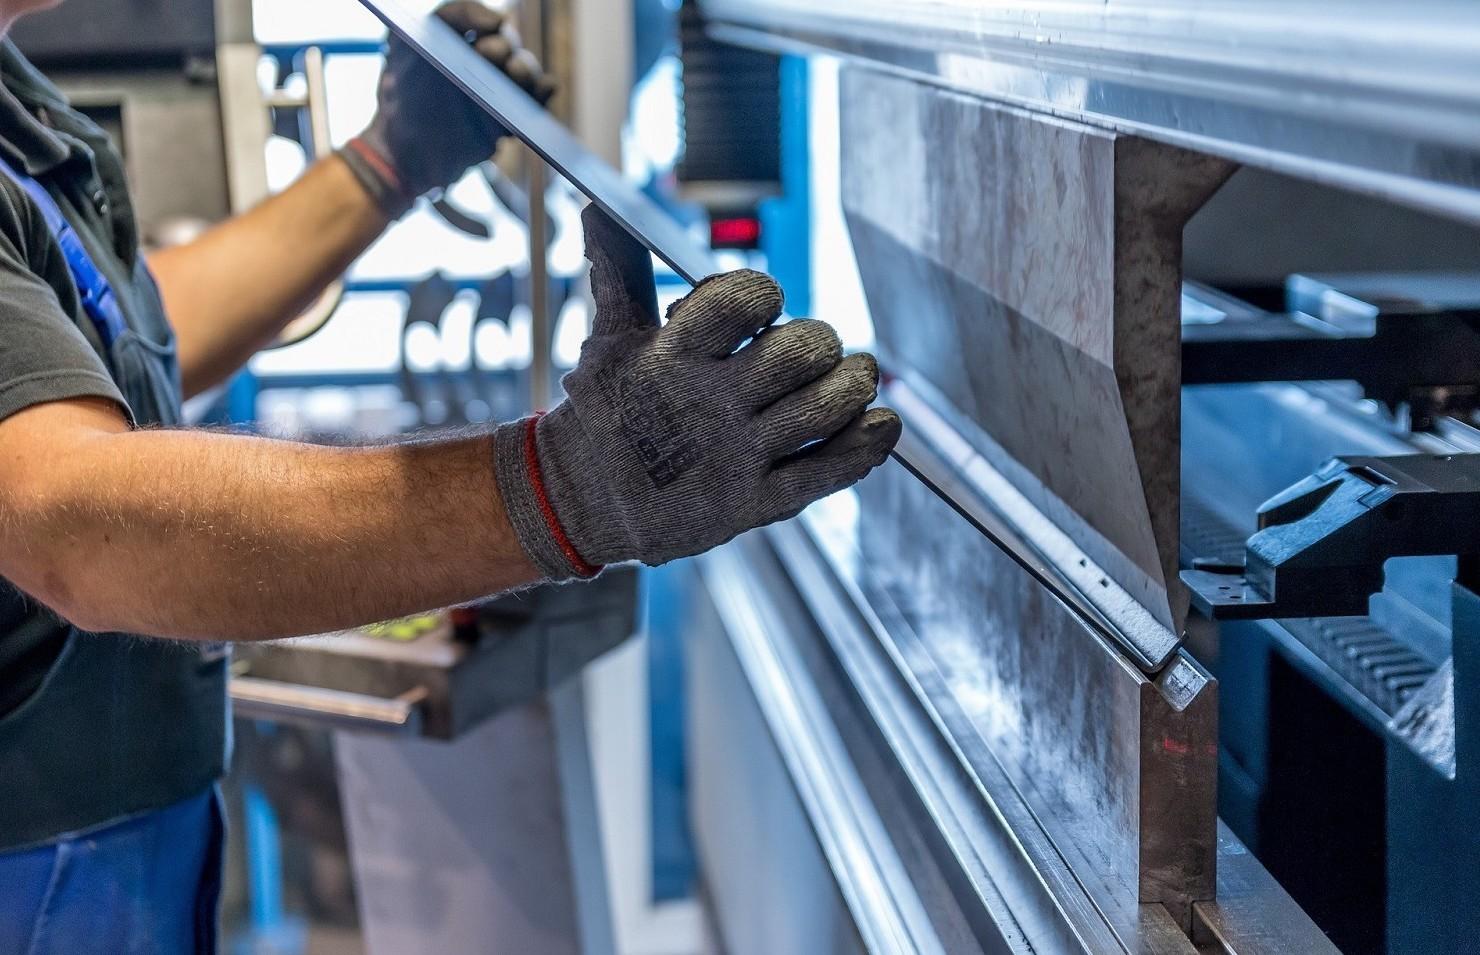 Contratto metalmeccanico, permessi previsti da regole in vigore